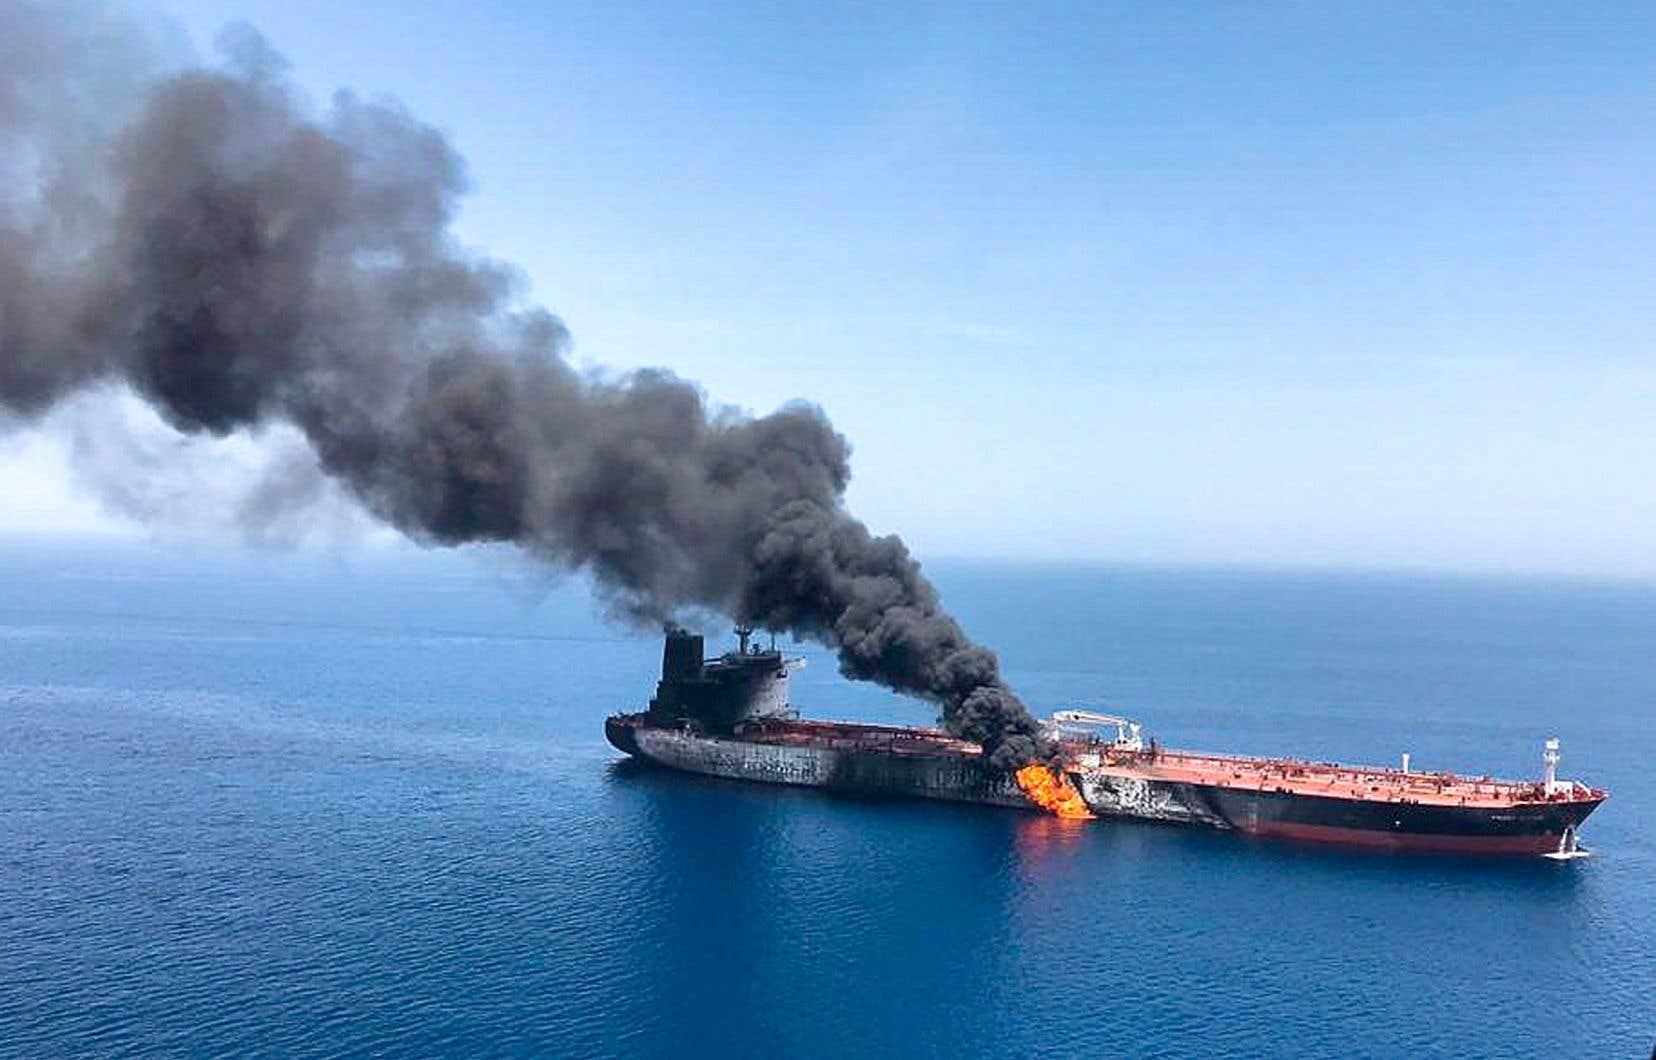 Deux pétroliers ont été la cible le 13 juin dernier d'une attaque que les États-Unis ont aussitôt attribuée à l'Iran.